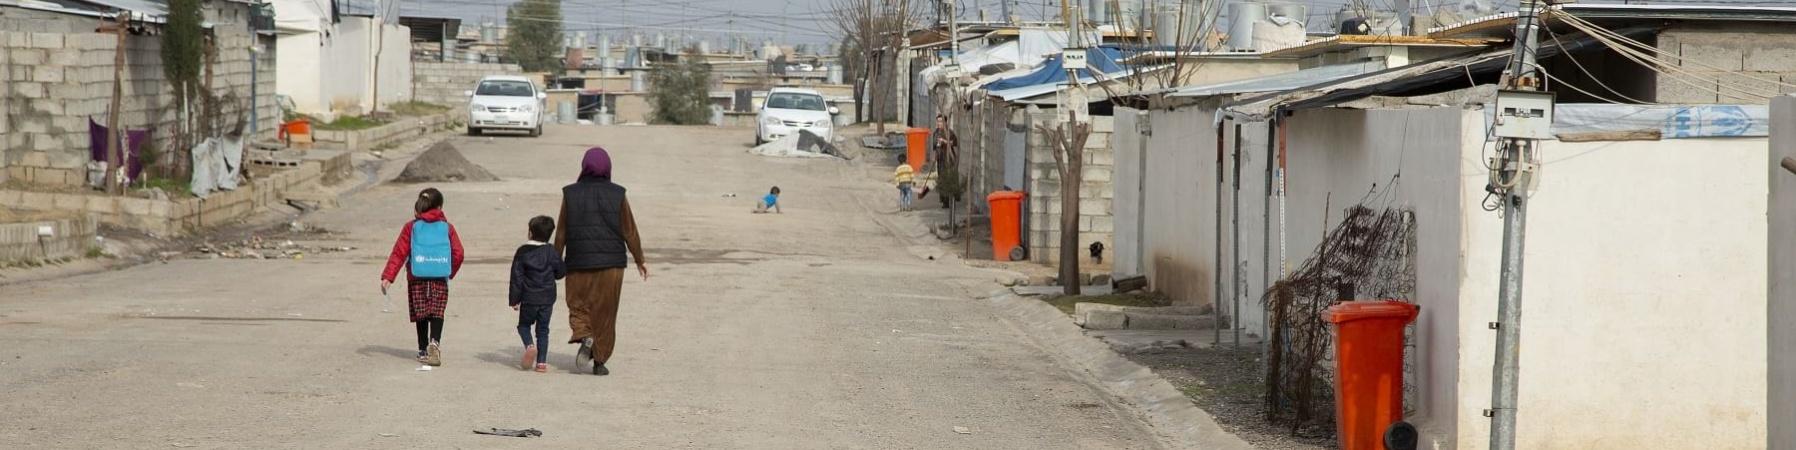 viale di un campo profughi con al centro in lontananza e di spalle tre persone che camminano